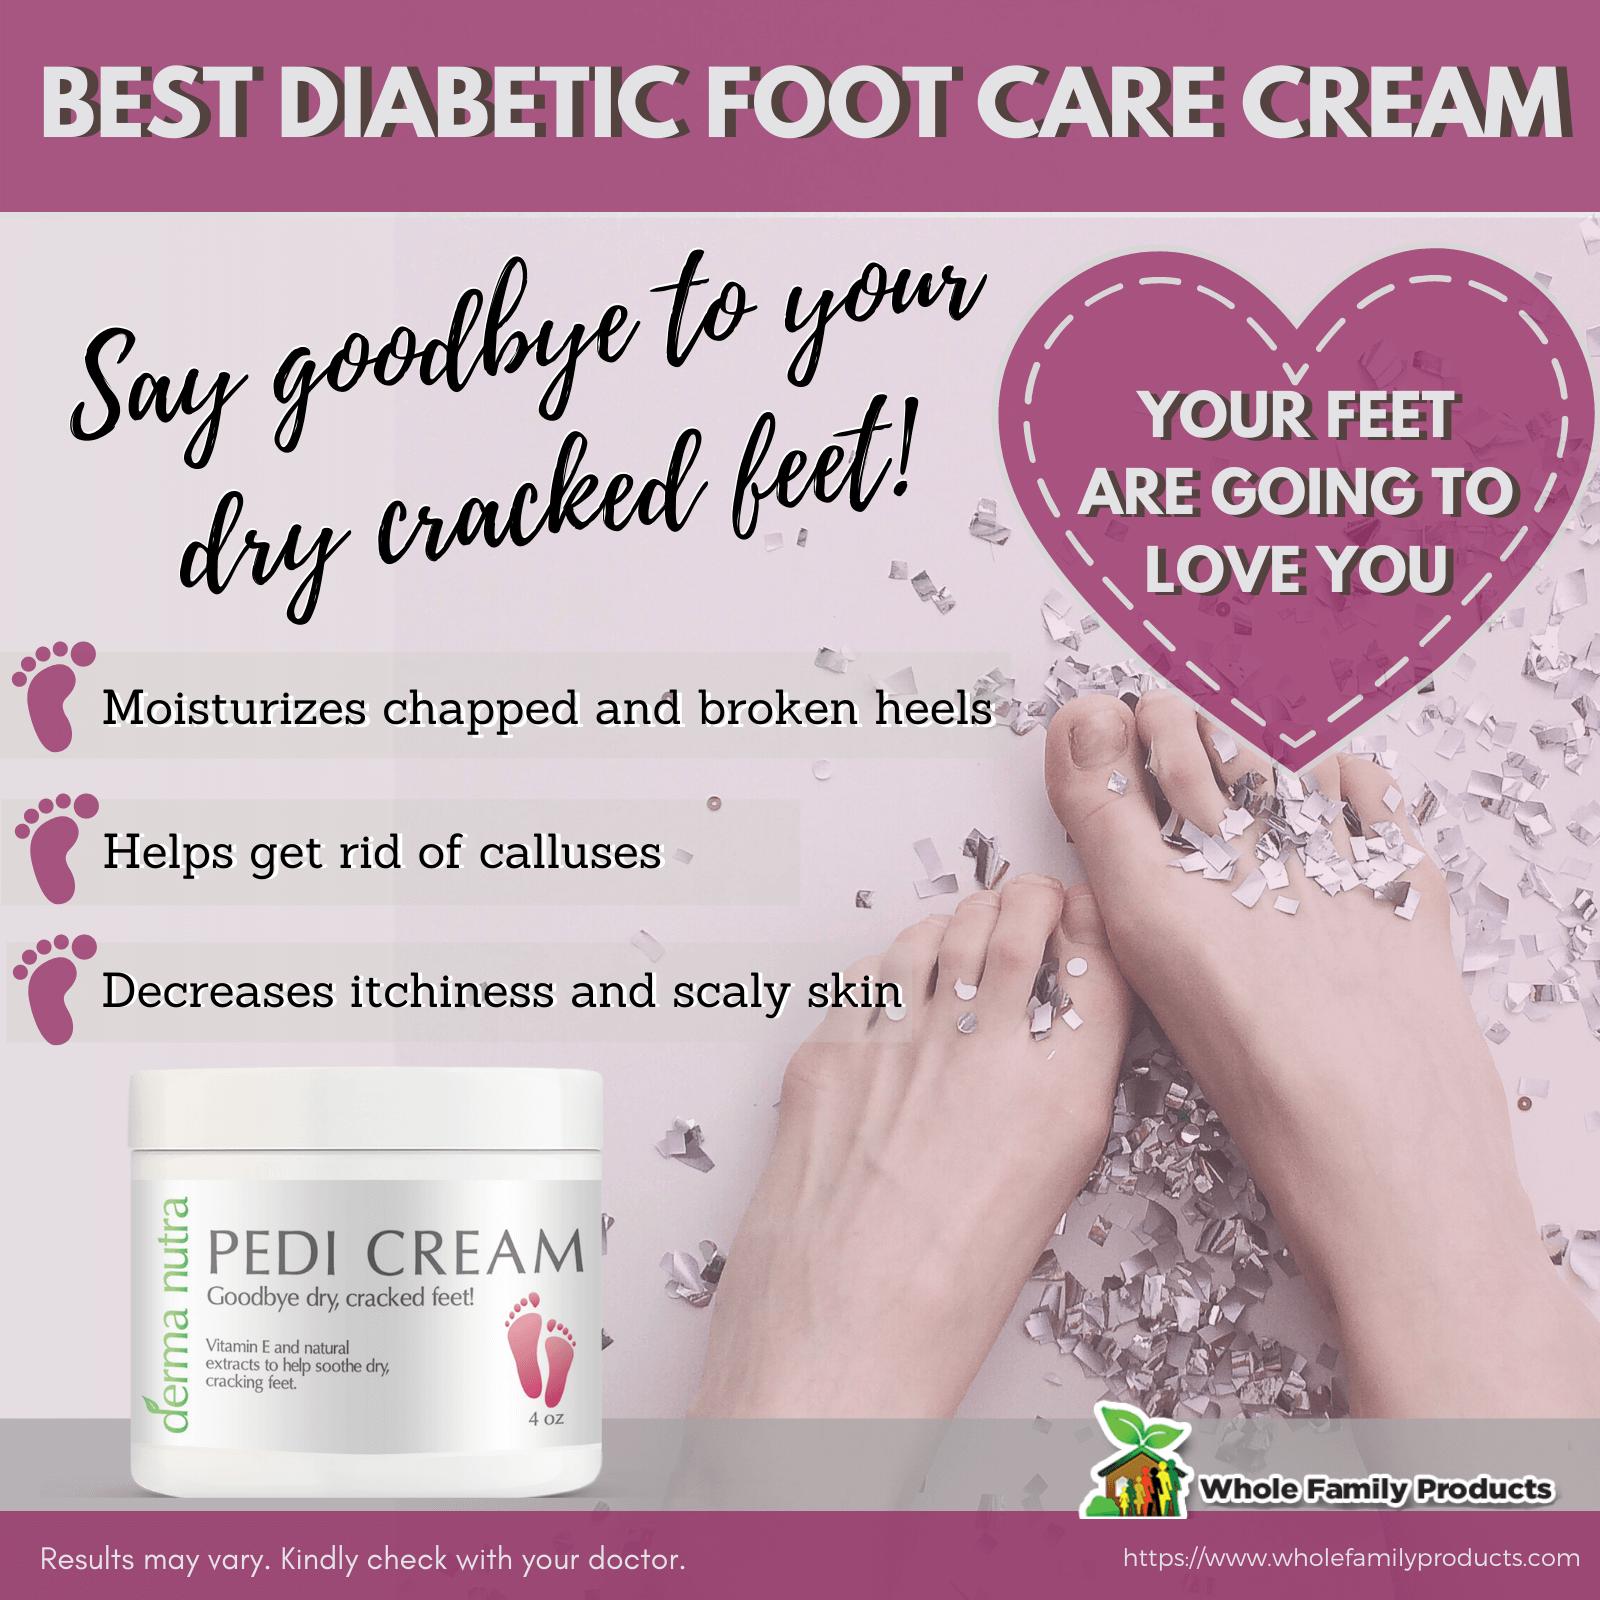 Derma Nutra Pedi Cream Best Diabetic Foot Care Cream Infographic